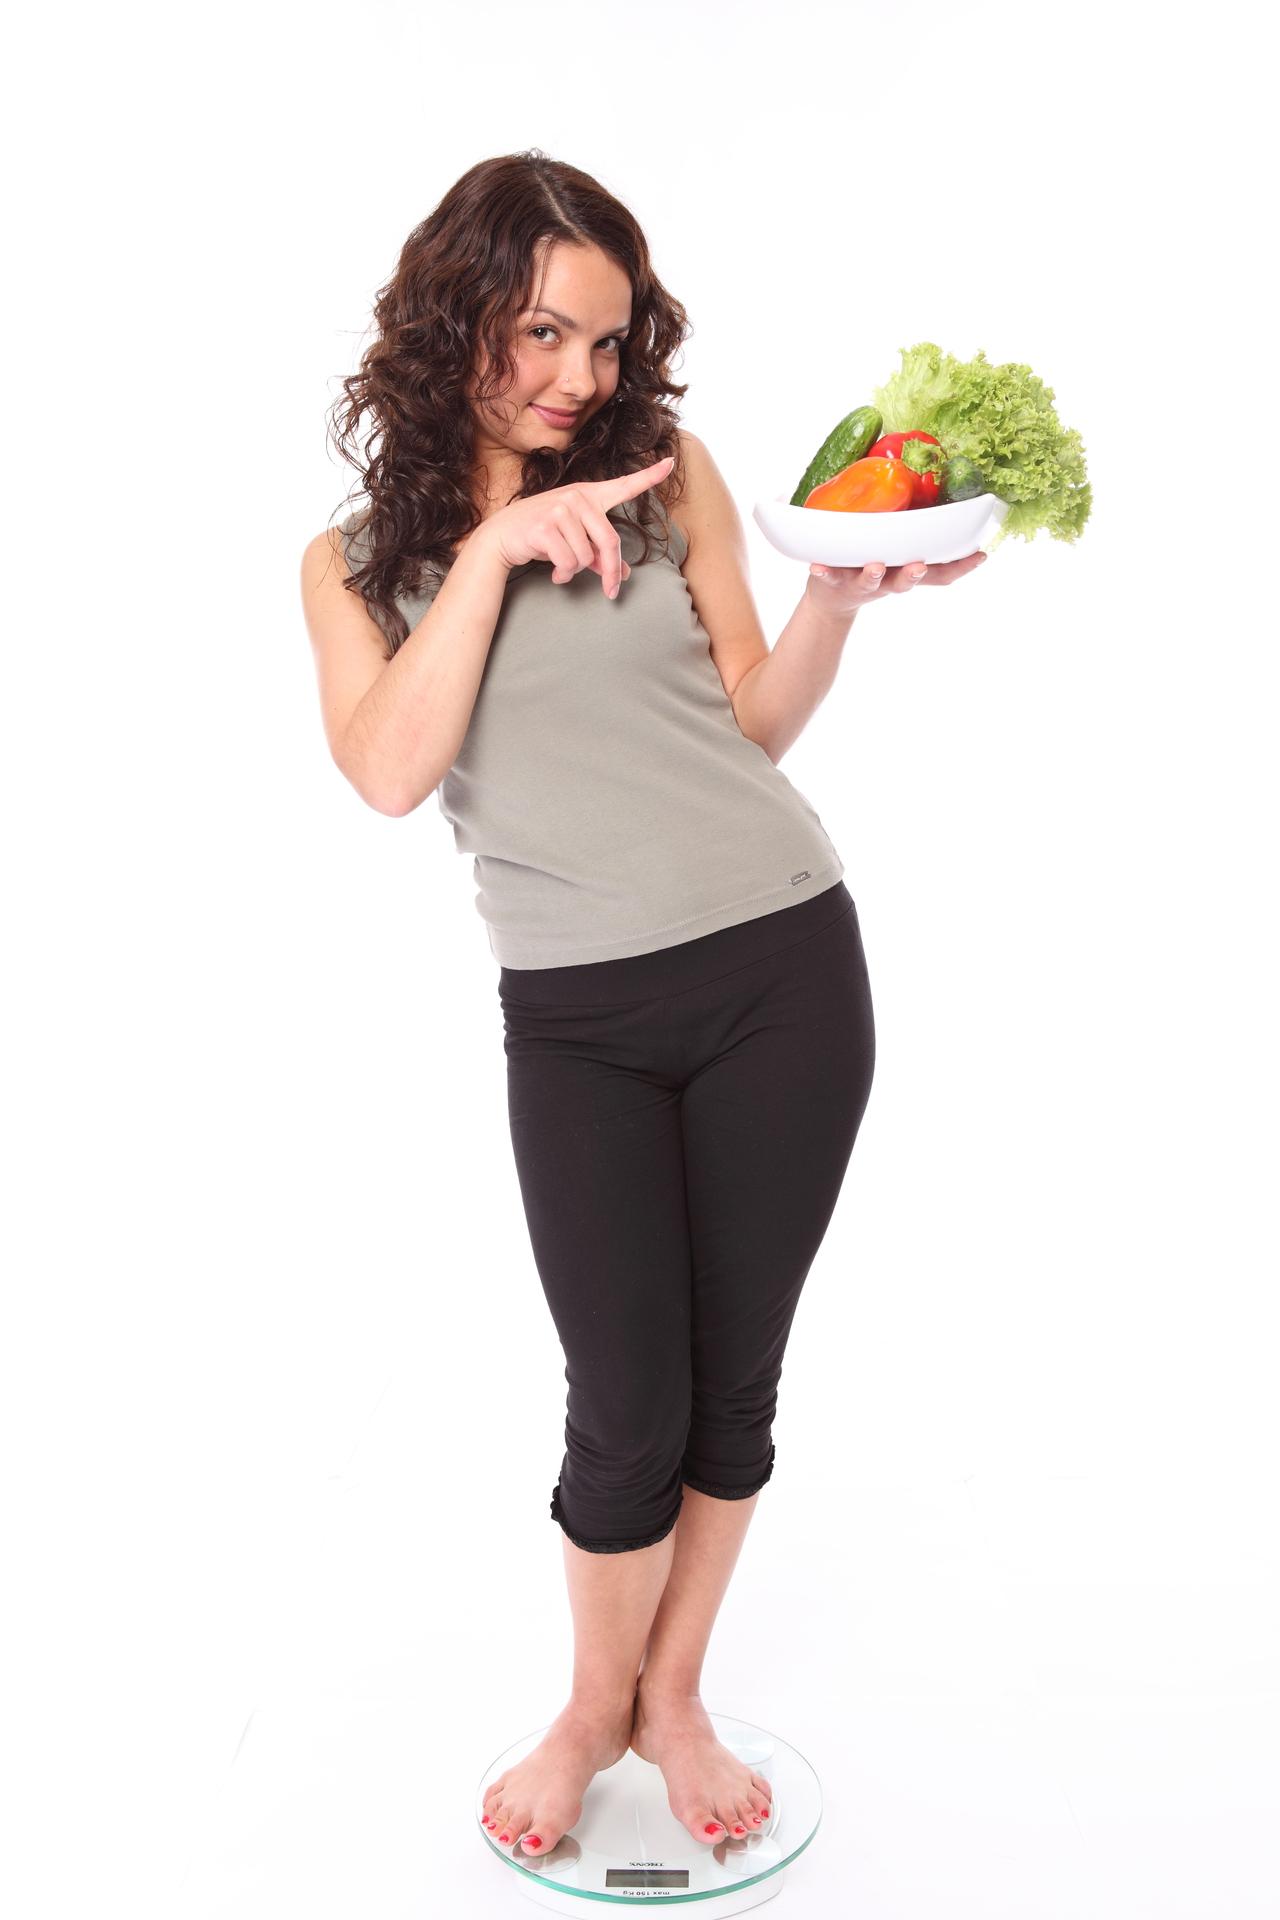 Все О Похудении Для Подростков. Как быстро и безопасно похудеть подростку